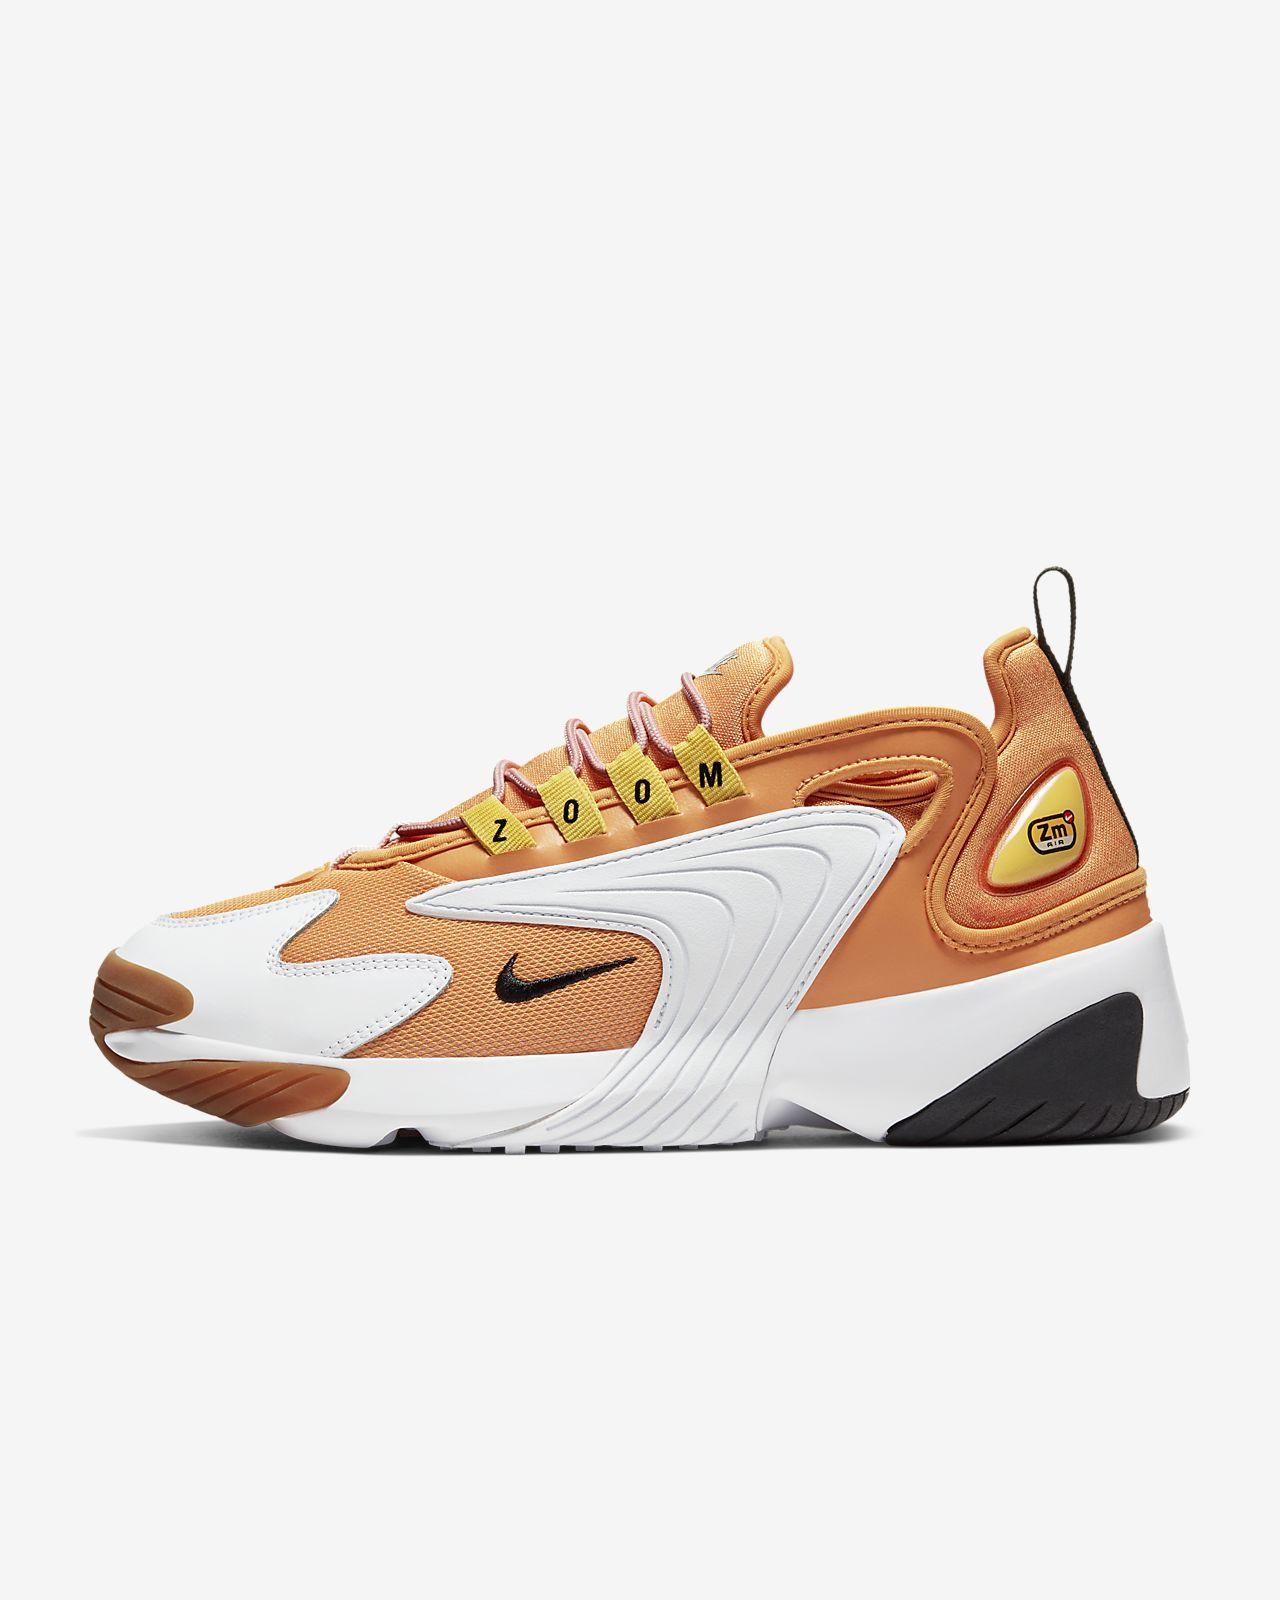 autoryzowana strona najlepsza cena unikalny design Buty damskie Nike Zoom 2K